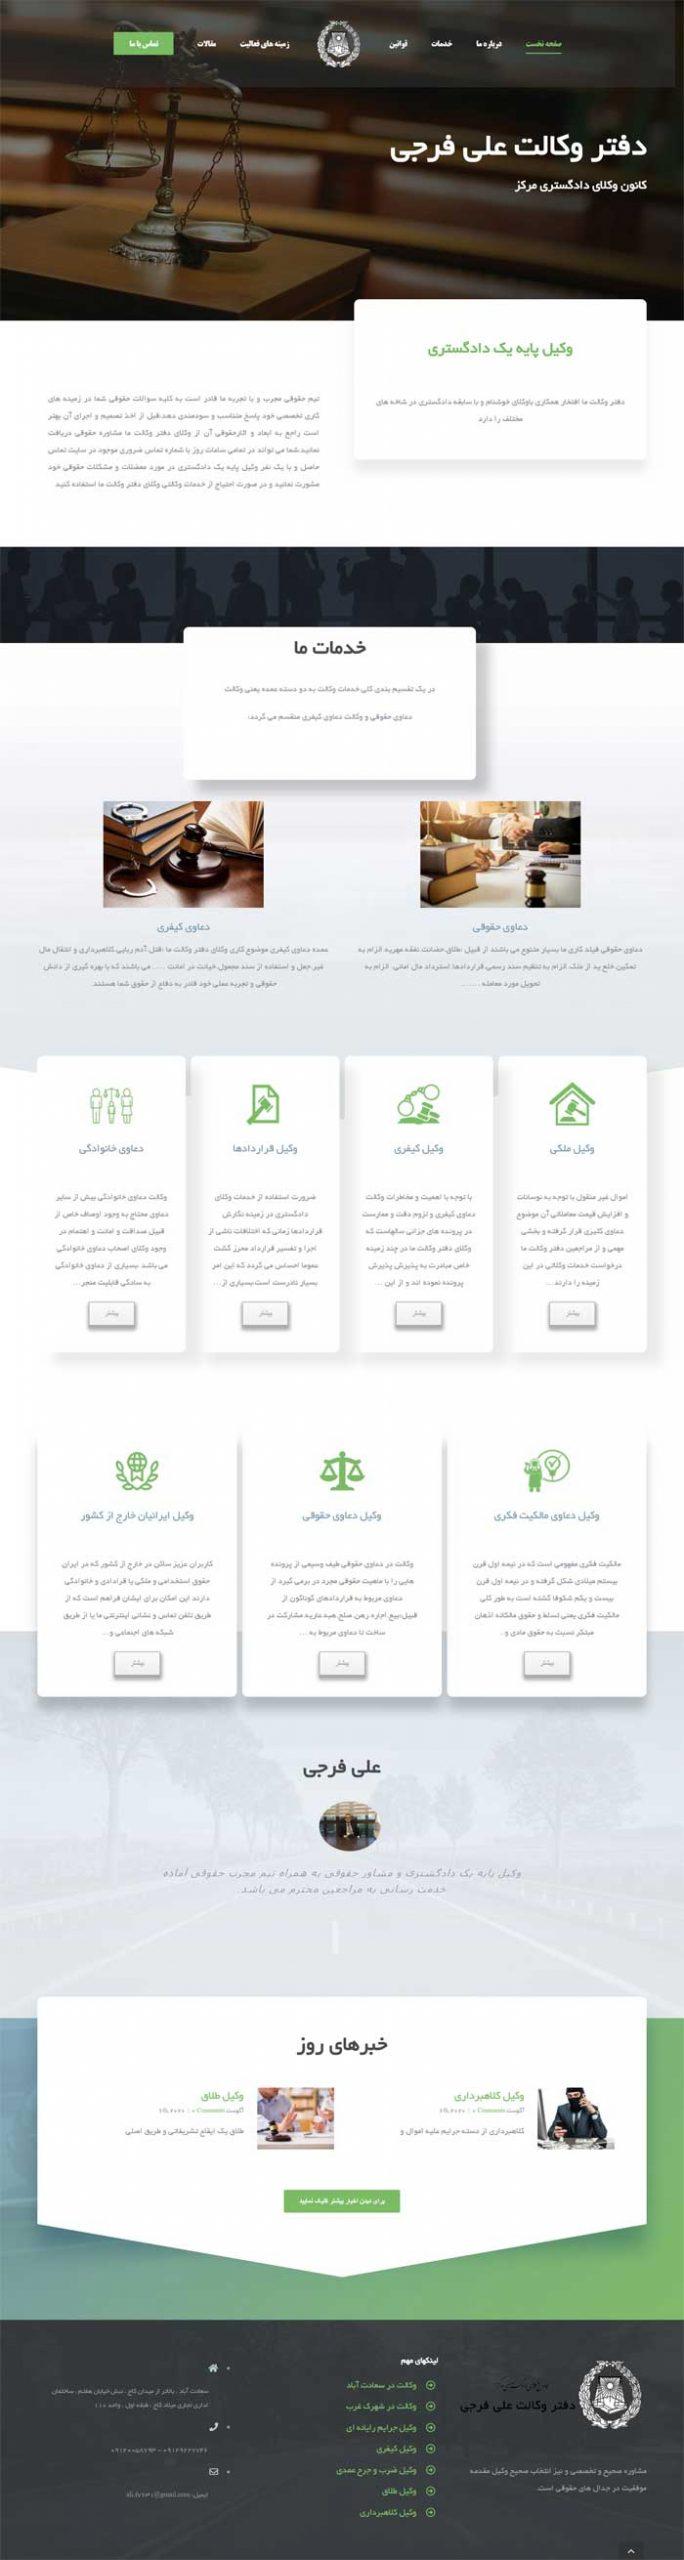 طراحی سایت دفتر وکالت علی فرجی